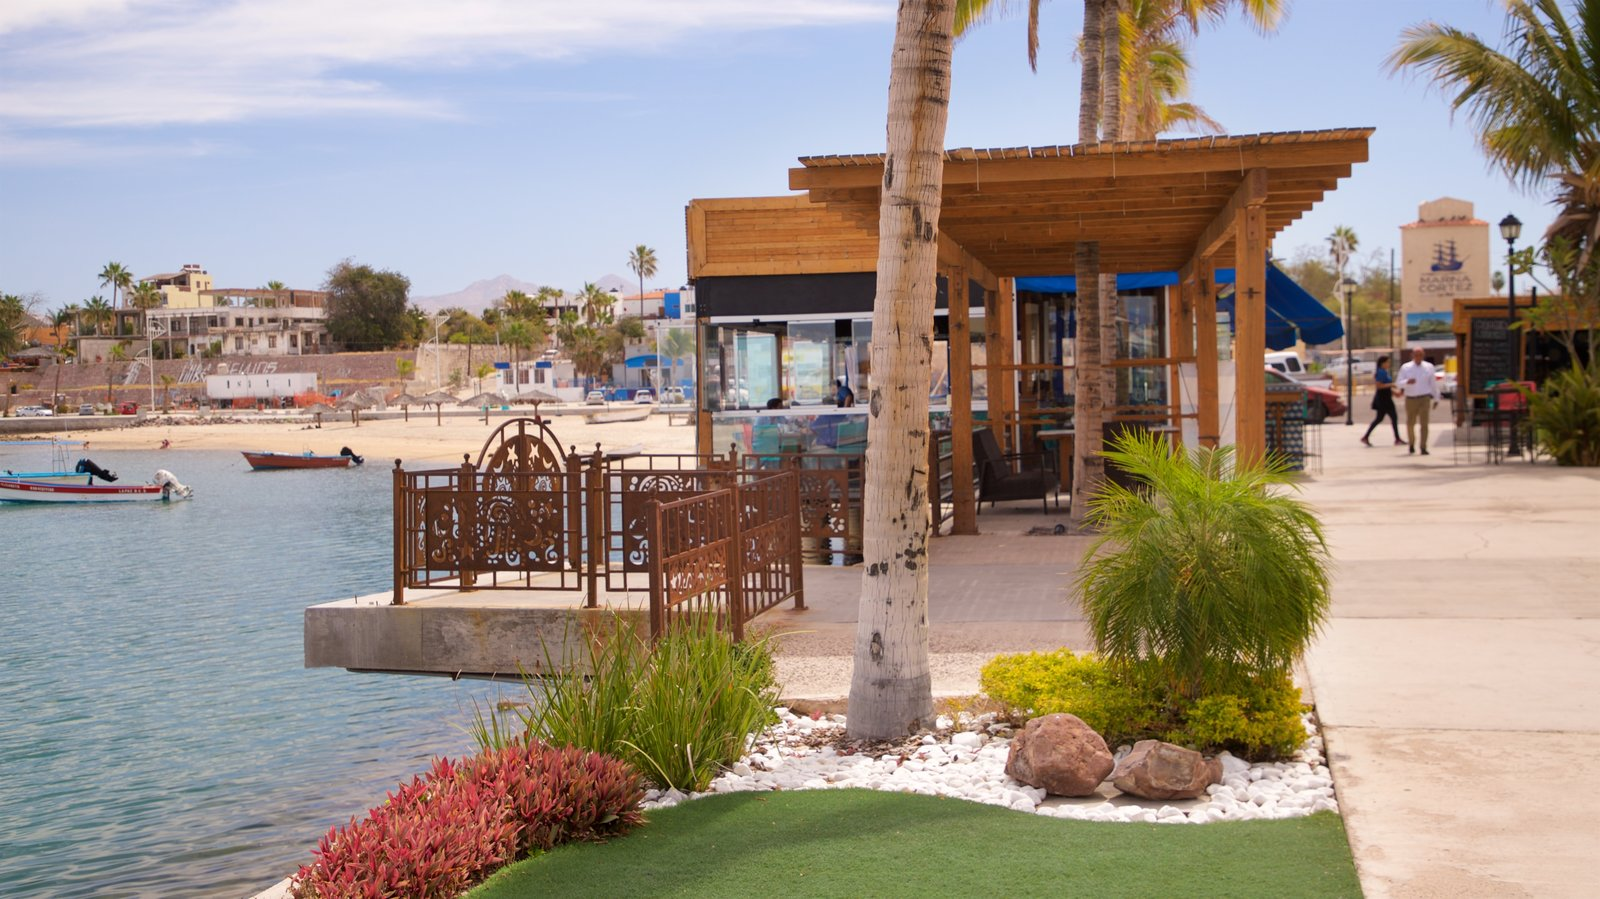 Puerto deportivo Marina Cortez ofreciendo un jardín y una bahía o puerto